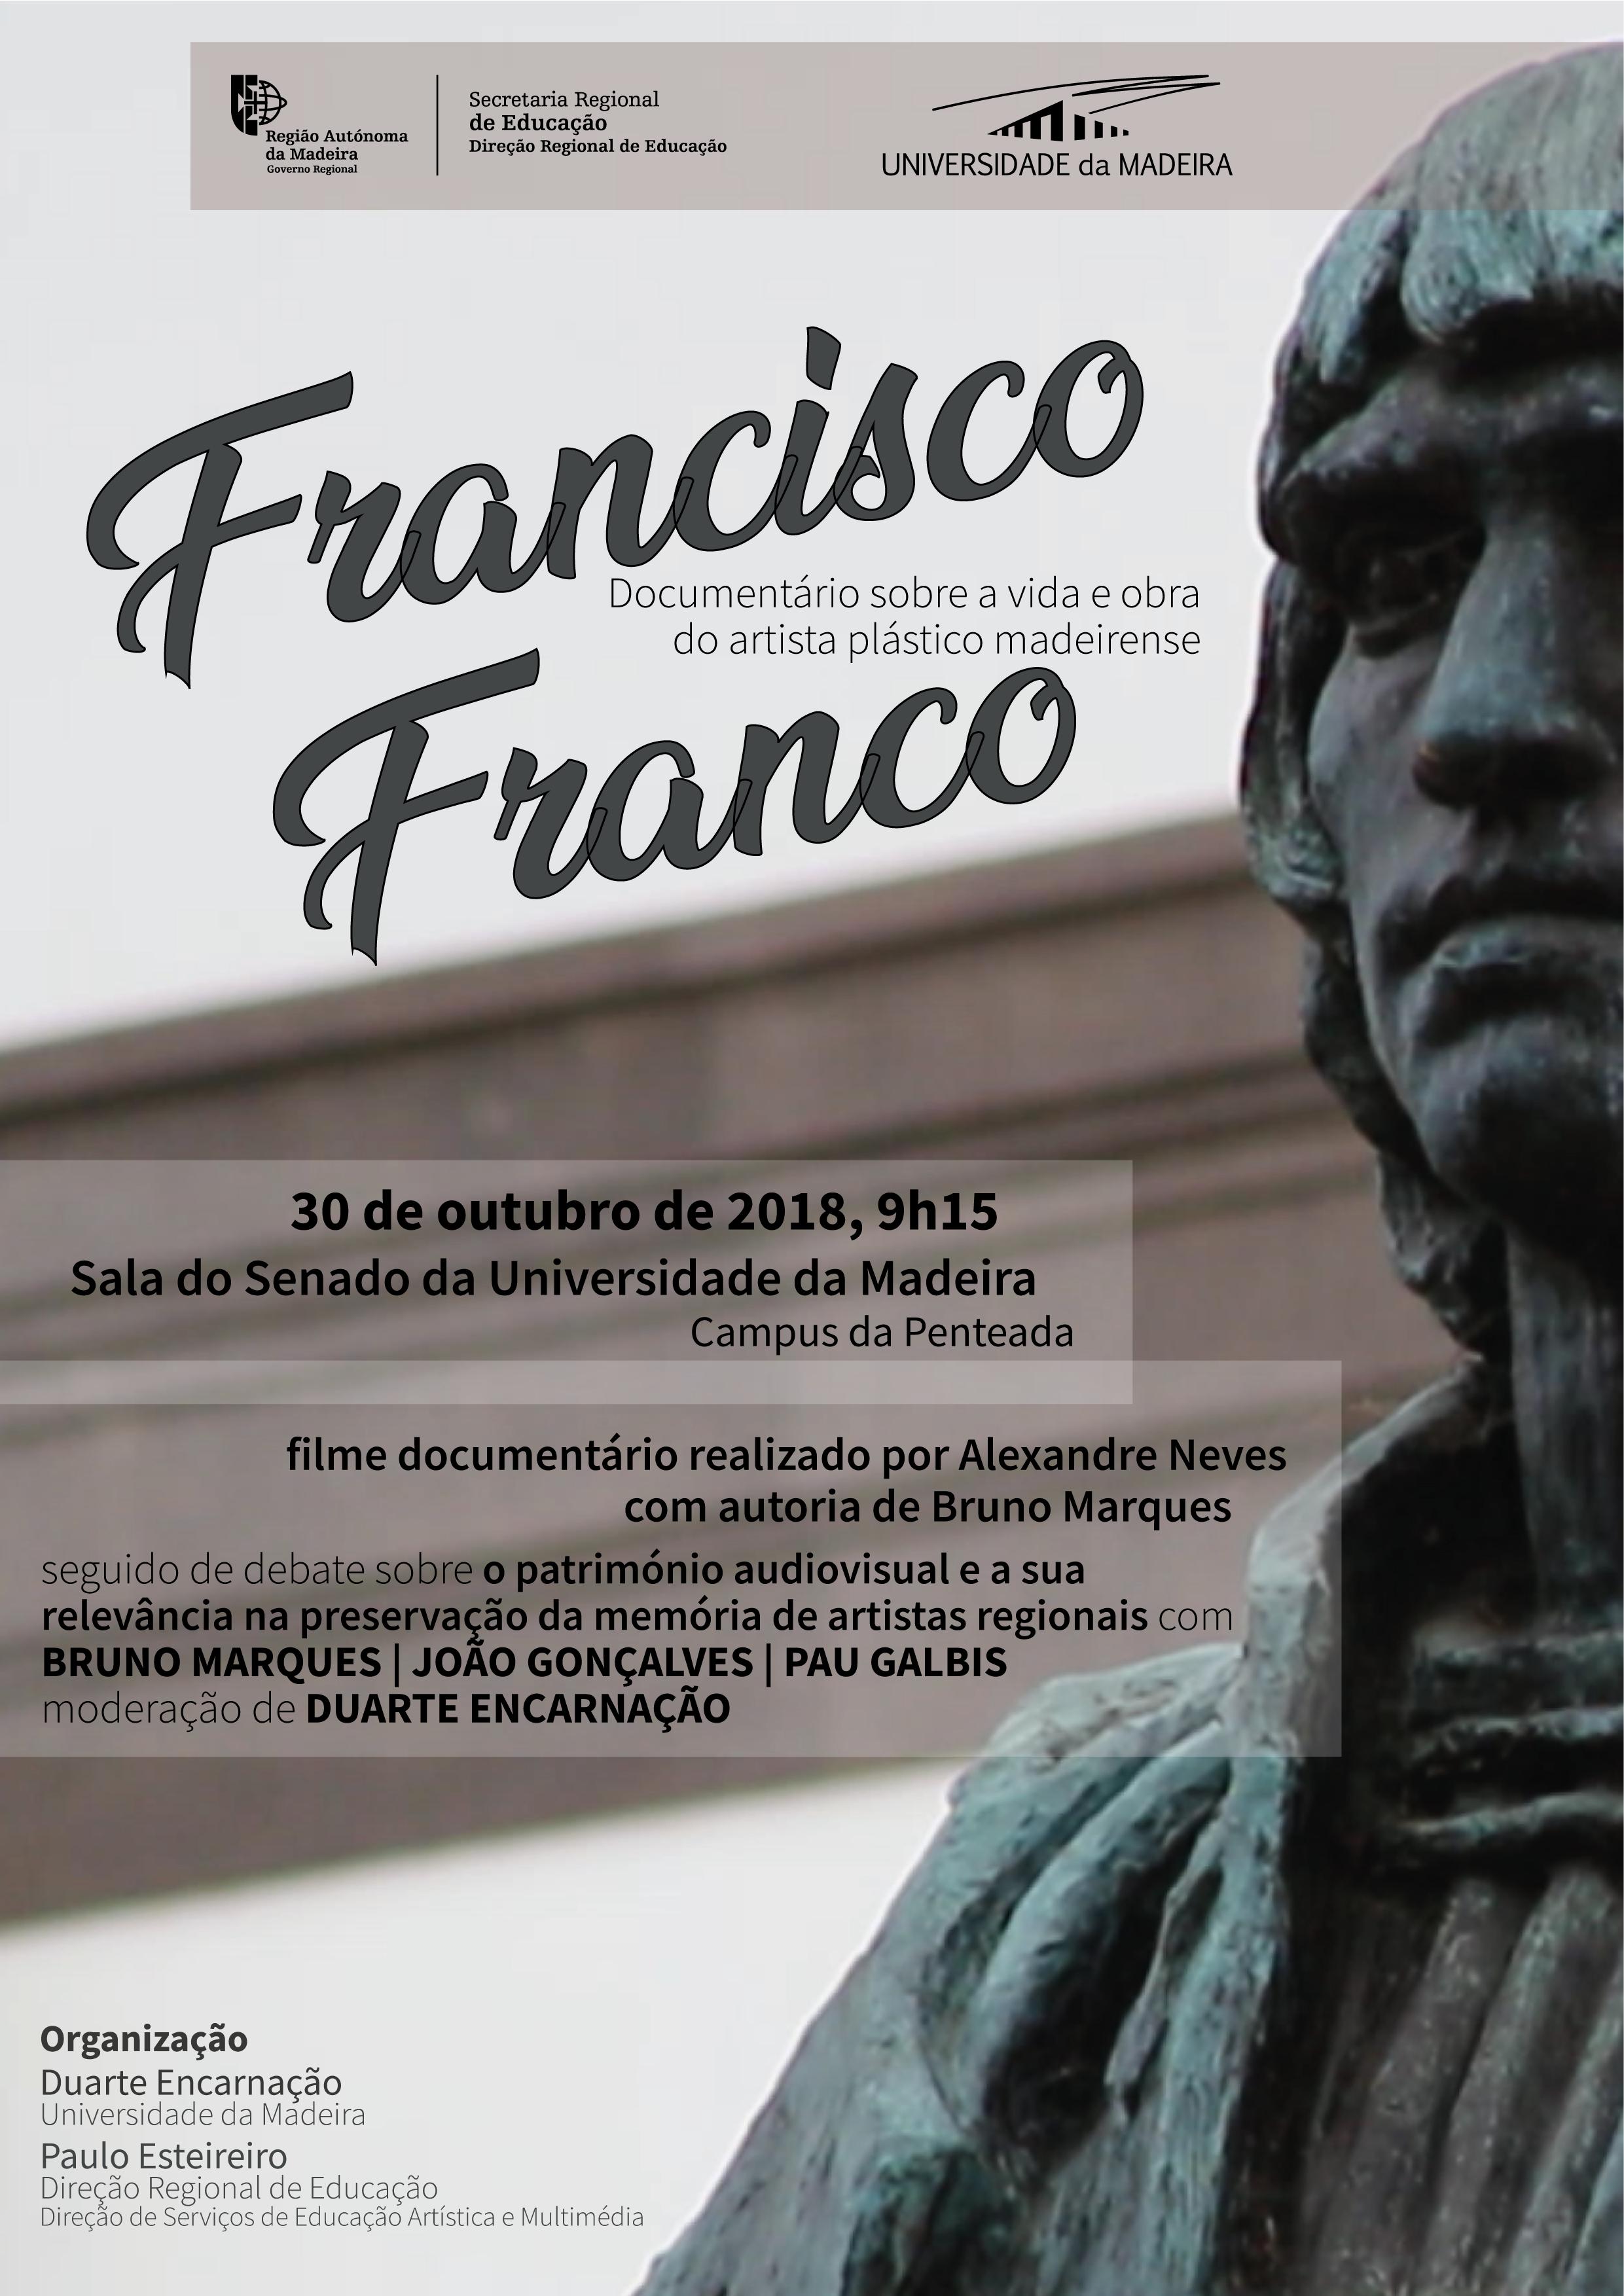 Documentário 'Francisco Franco' exibido no próximo dia 30 de outubro